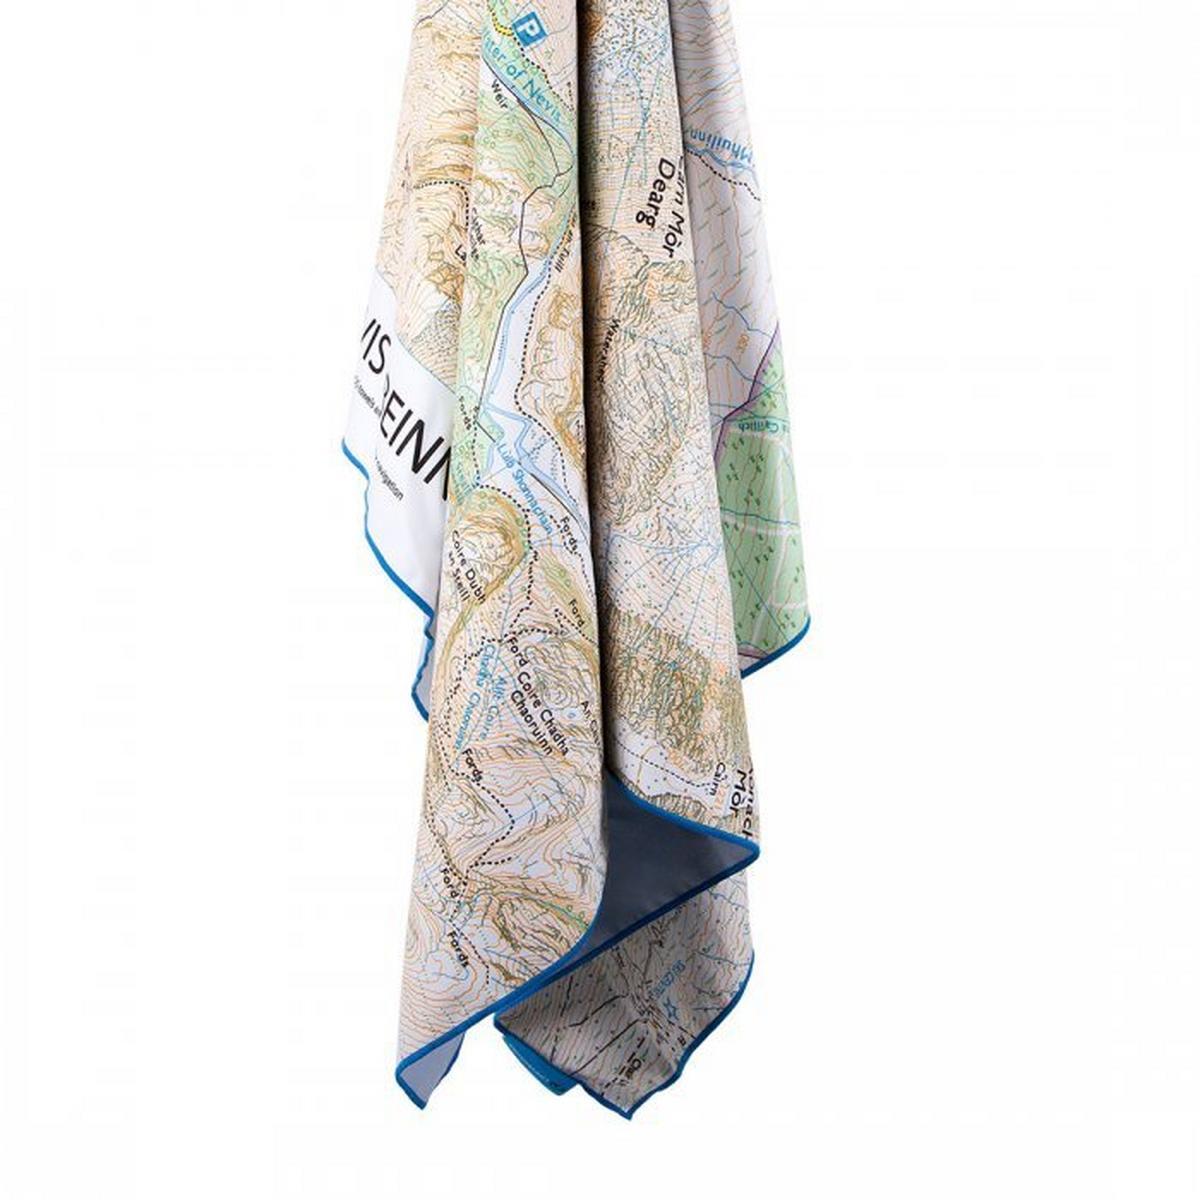 Lifeventure Softfibre Towel - Ben Nevis - Giant